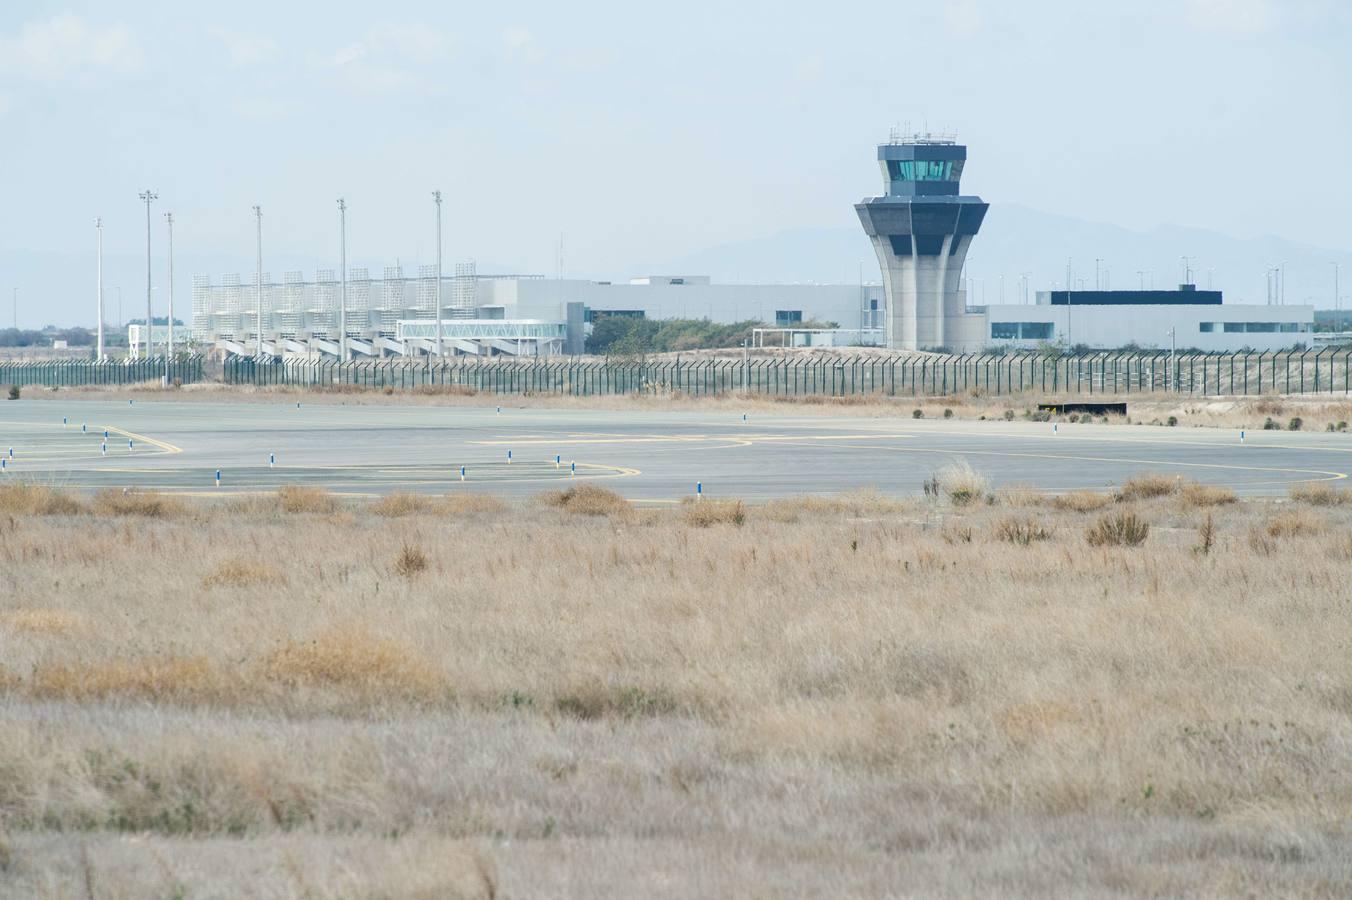 Rechazan el recurso de la concesionaria del aeropuerto de Corvera contra la liquidación del contrato